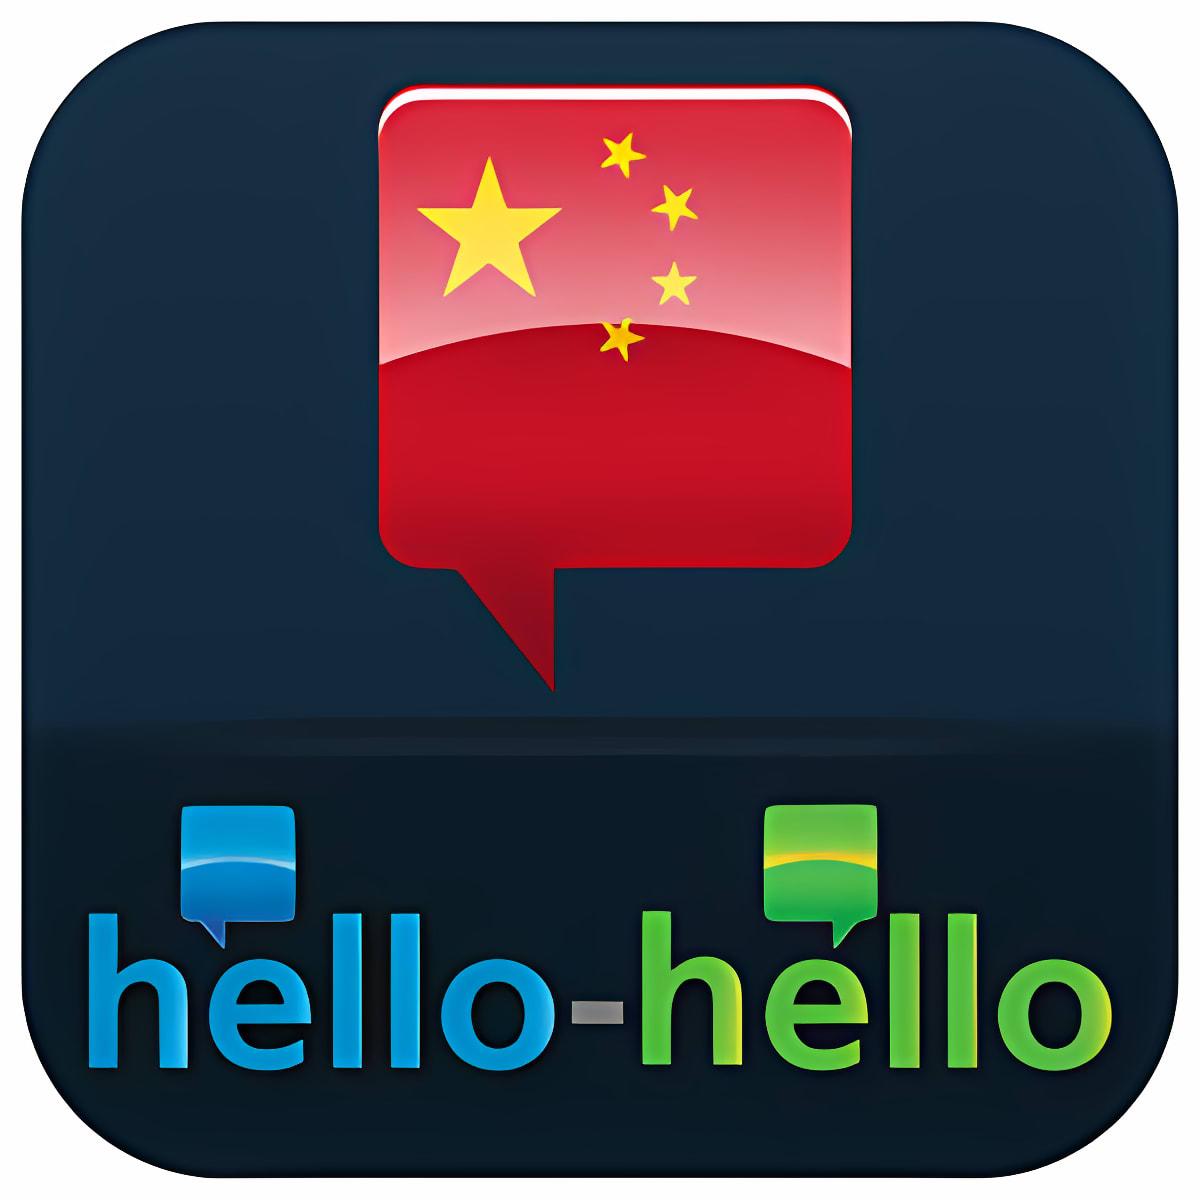 Curso de Chino (Hello-Hello) 2.0.1